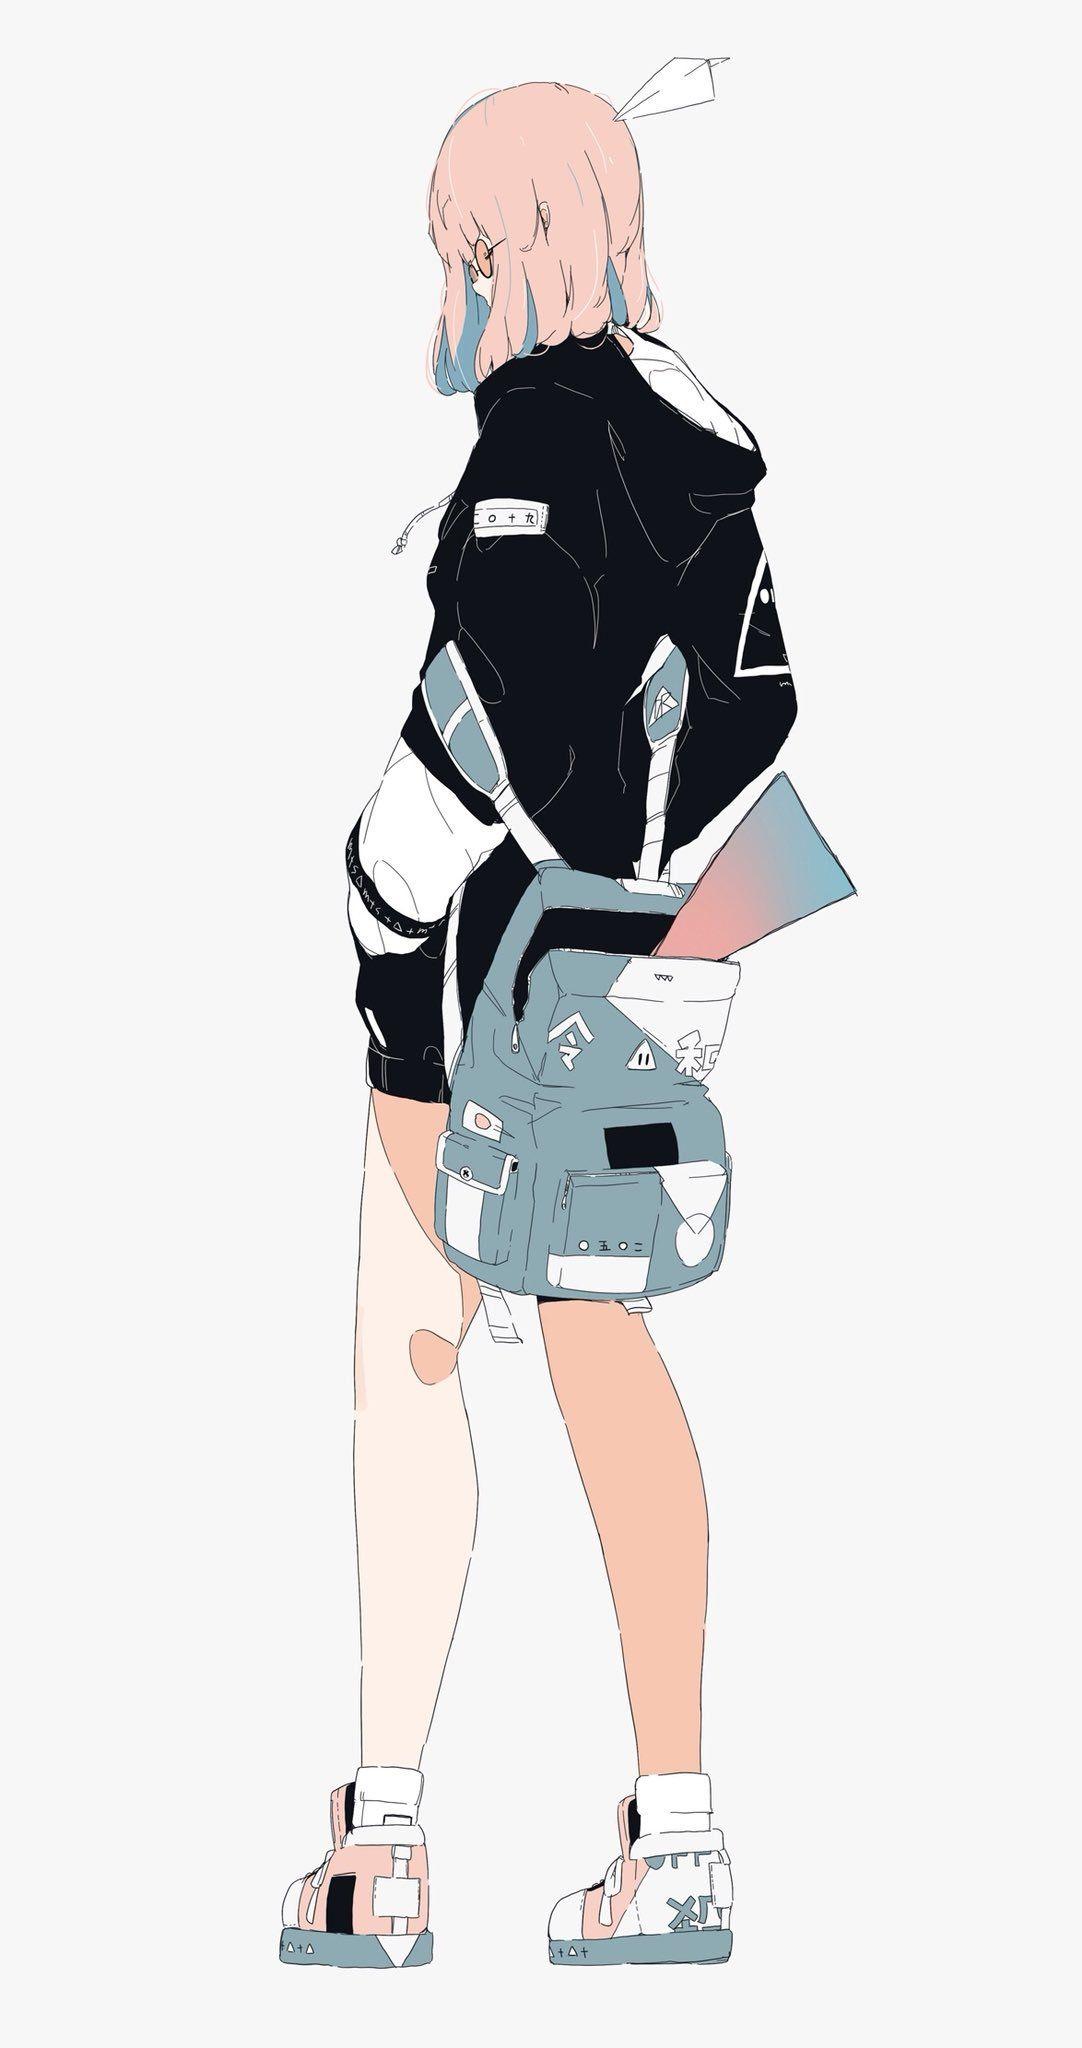 ダイスケリチャード on(画像あり) アニメの女の子, アニメの描き方, かわいい イラスト 女の子